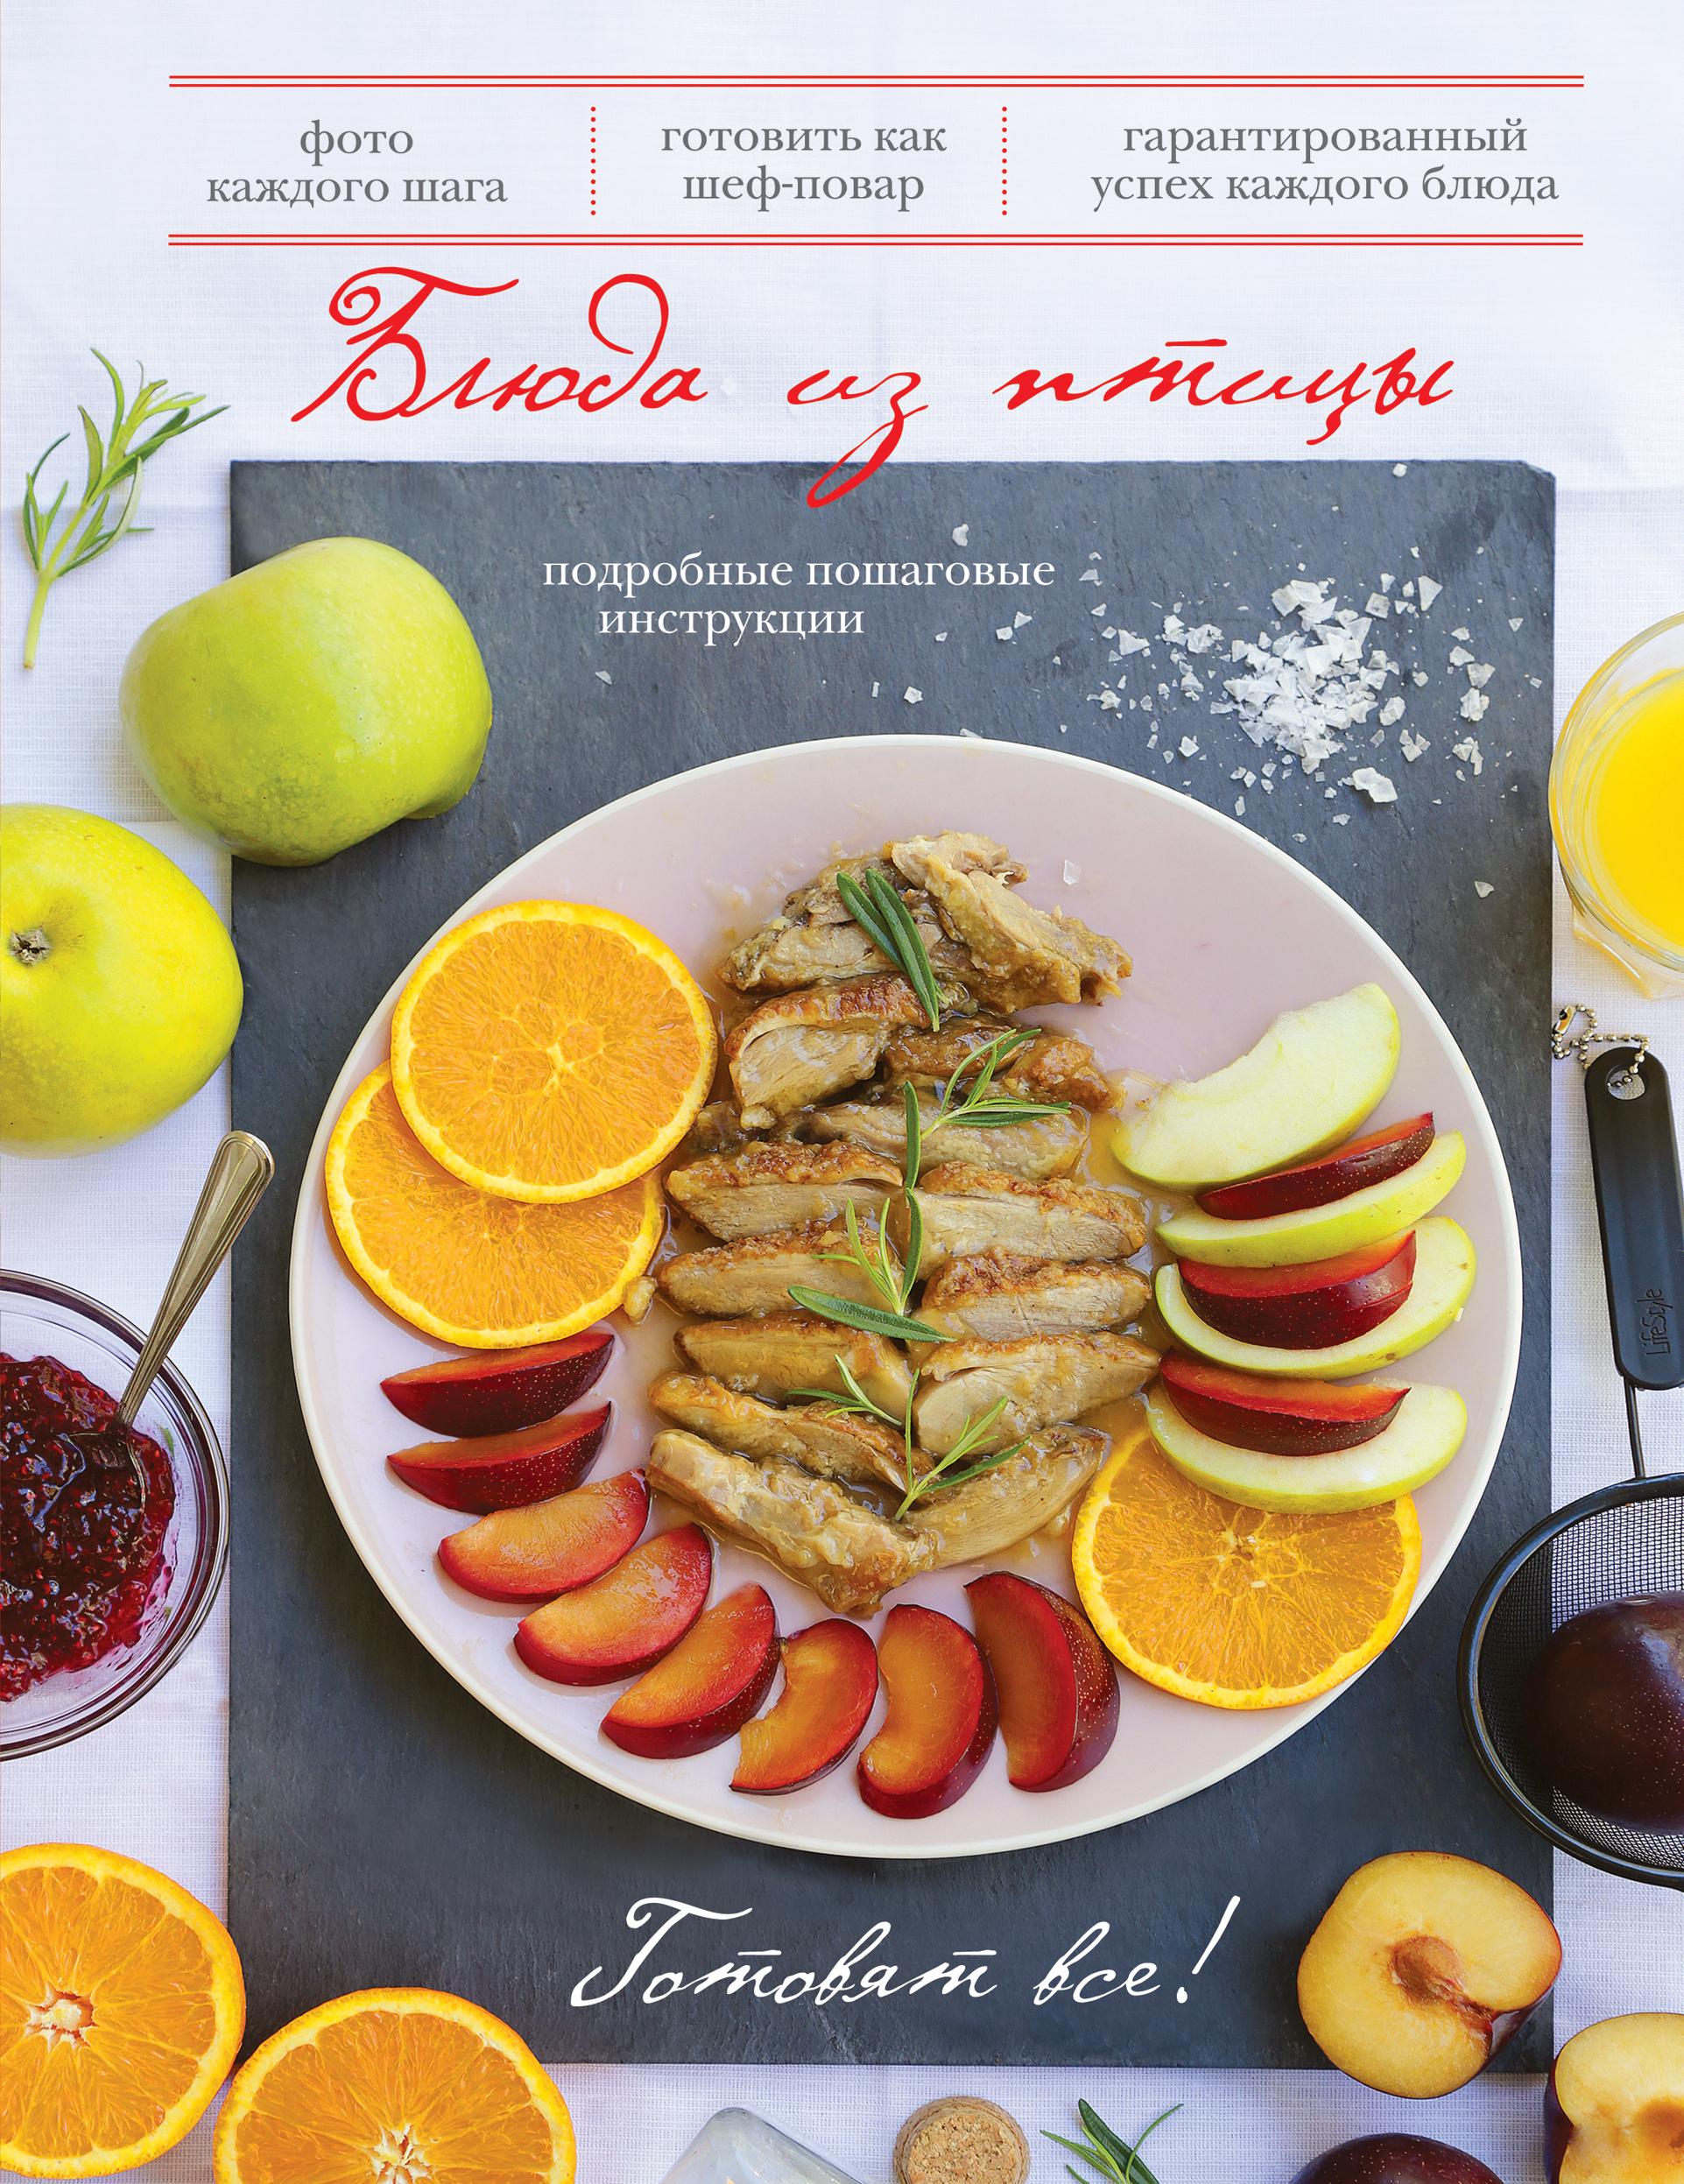 Блюда из птицы мясо птицы охлажденное оптом